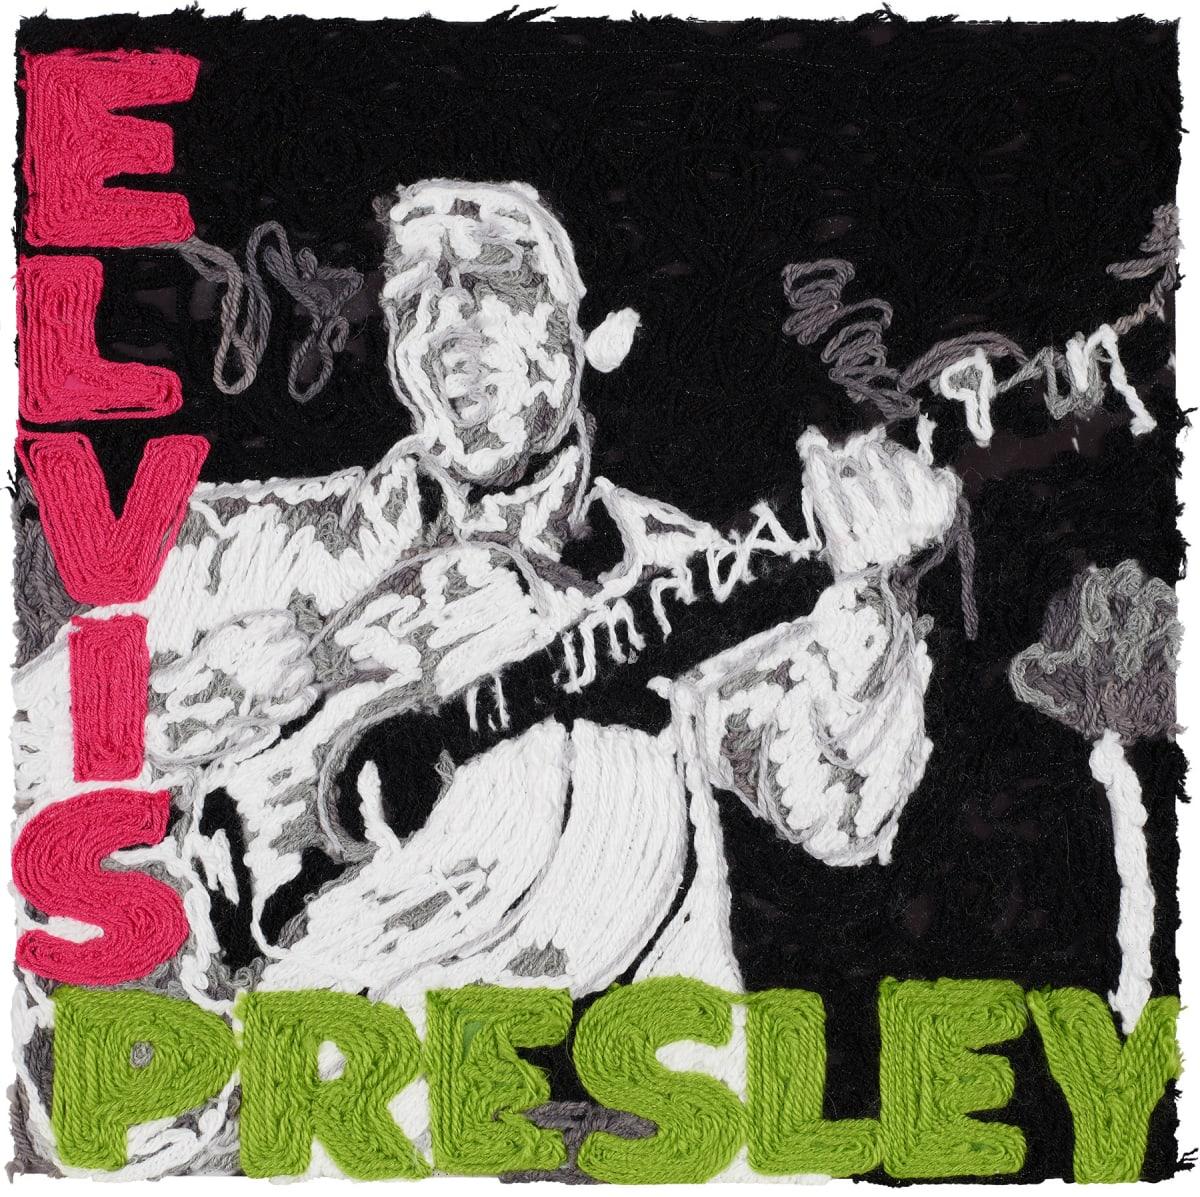 Stephen Wilson, Elvis Presley , 2020